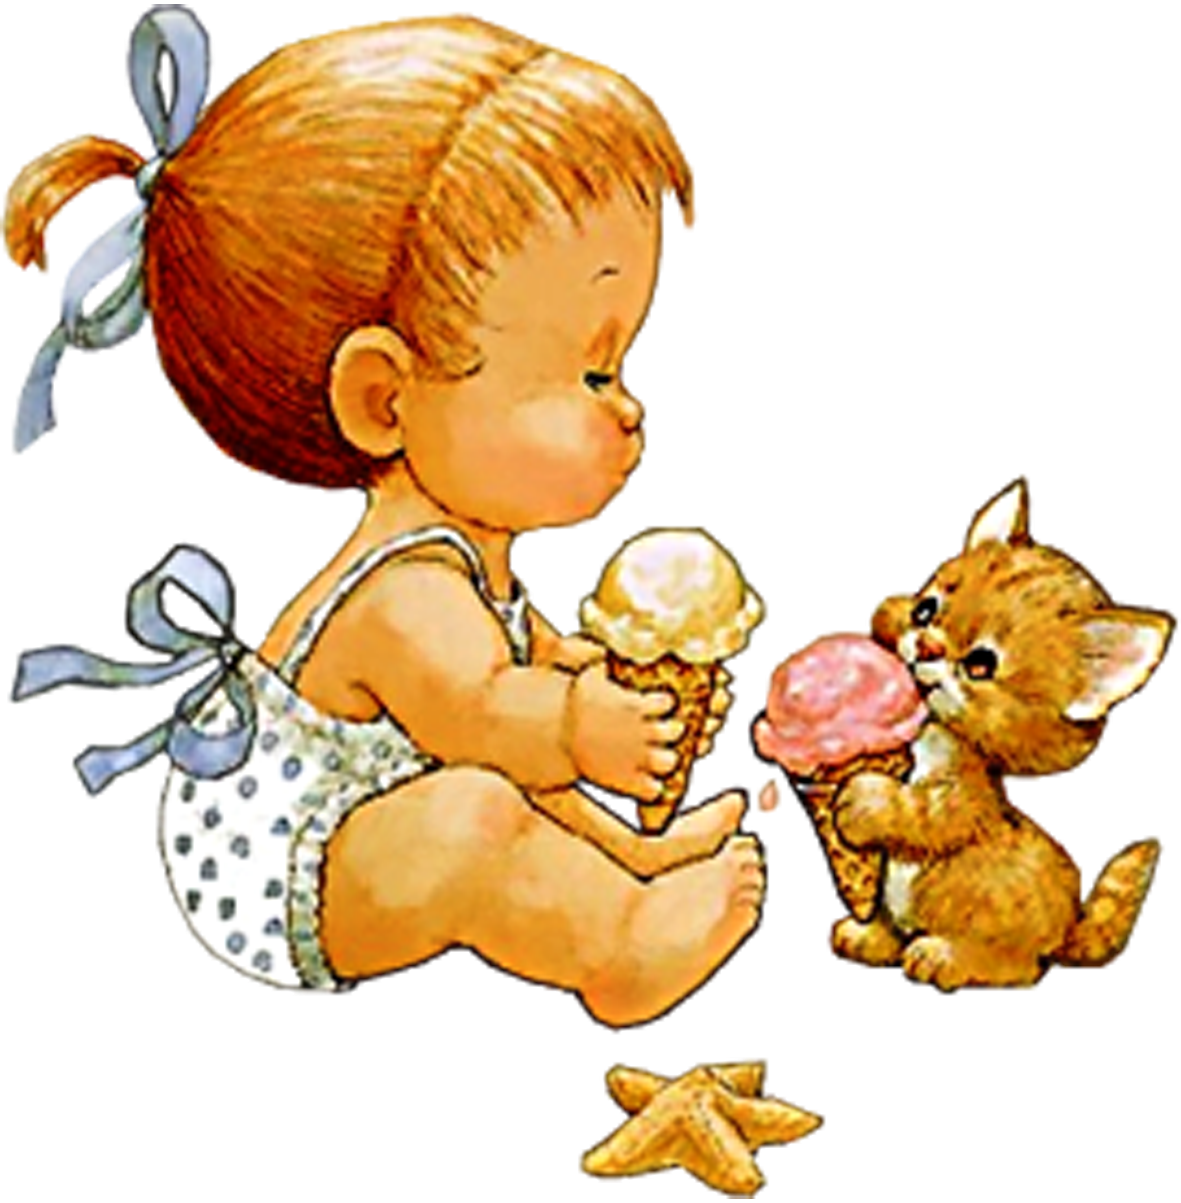 Dibujos tiernos-Pequeña niña compartiendo un helado con su gatito